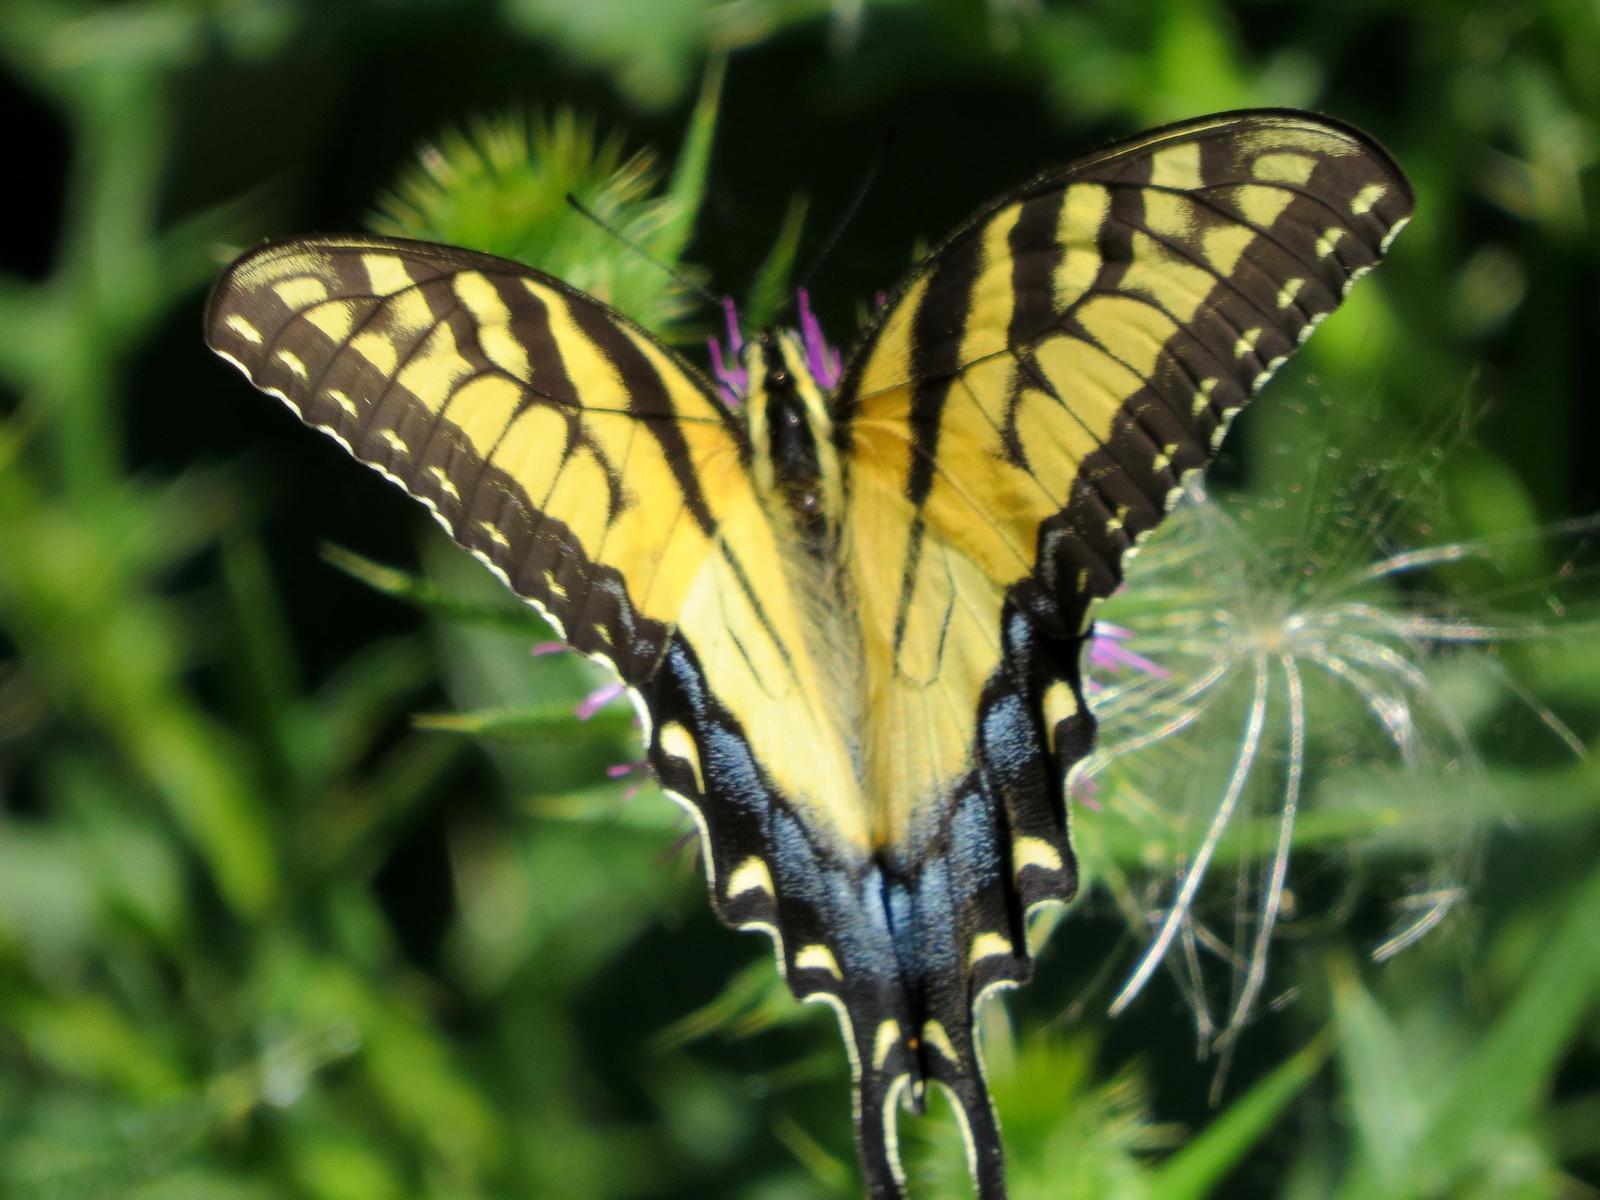 Eastern Tiger Swallowtail Photo by Kent Jensen